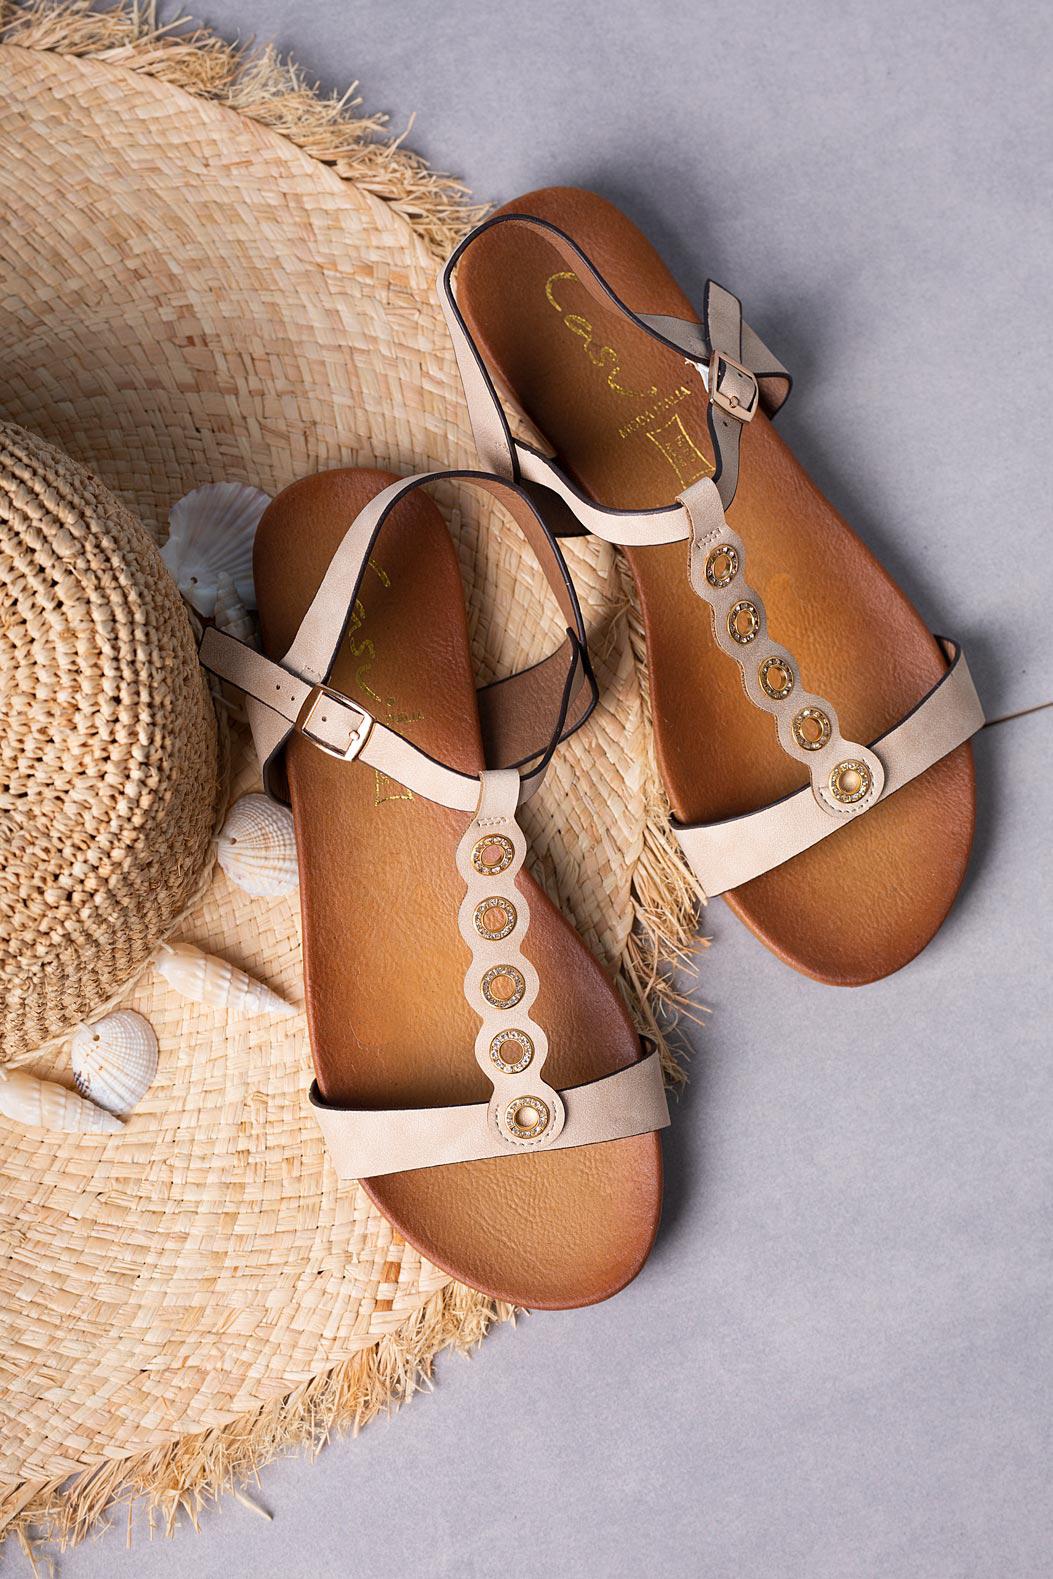 Beżowe sandały płaskie z paskiem przez środek i cyrkoniami Casu K19X10/BE beżowy